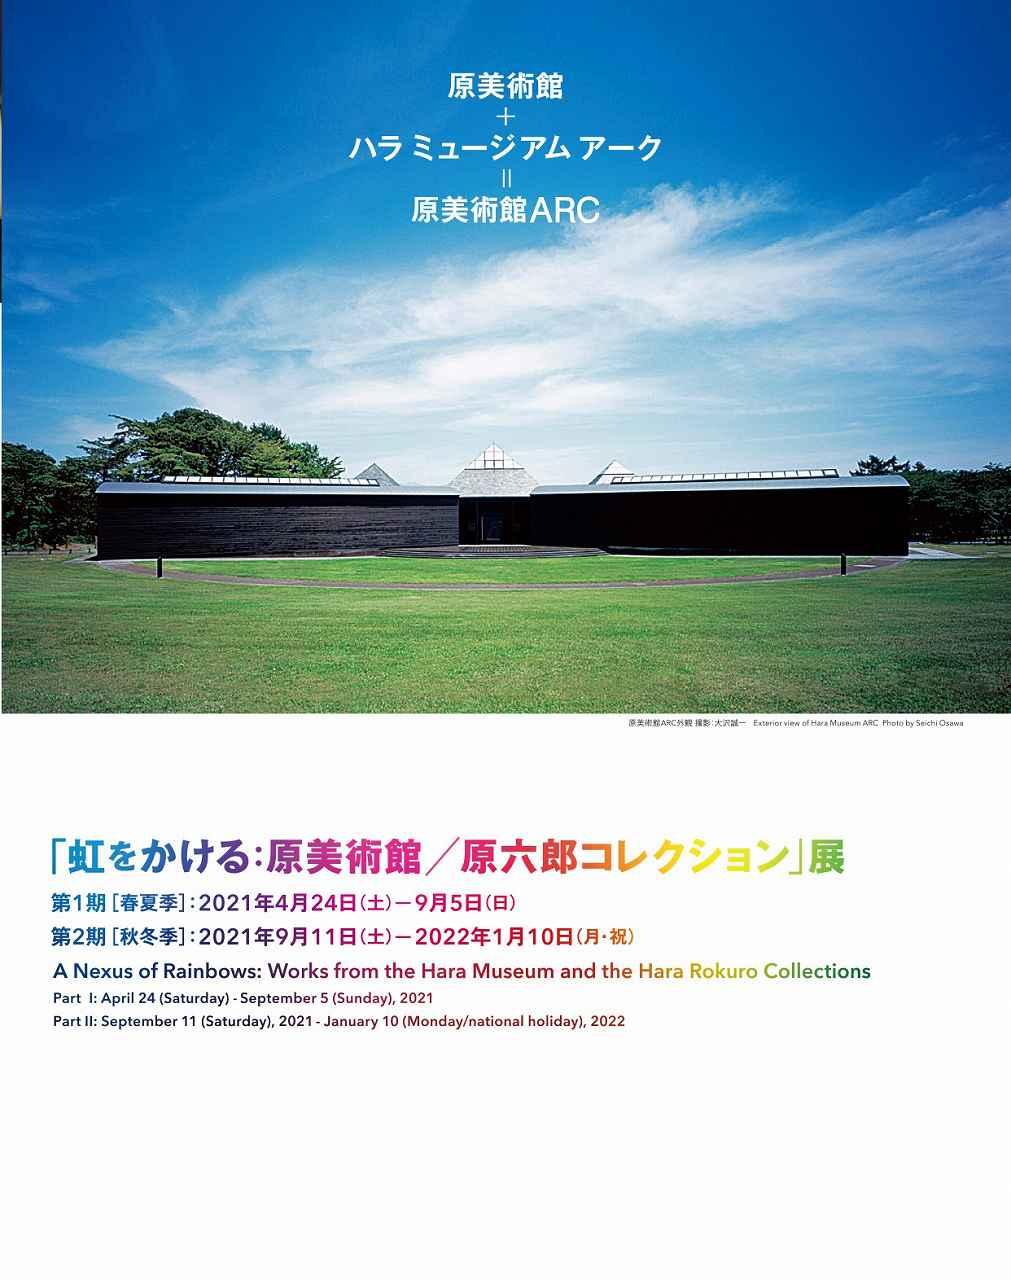 【原美術館ARC】虹をかける:原美術館/原六郎コレクション